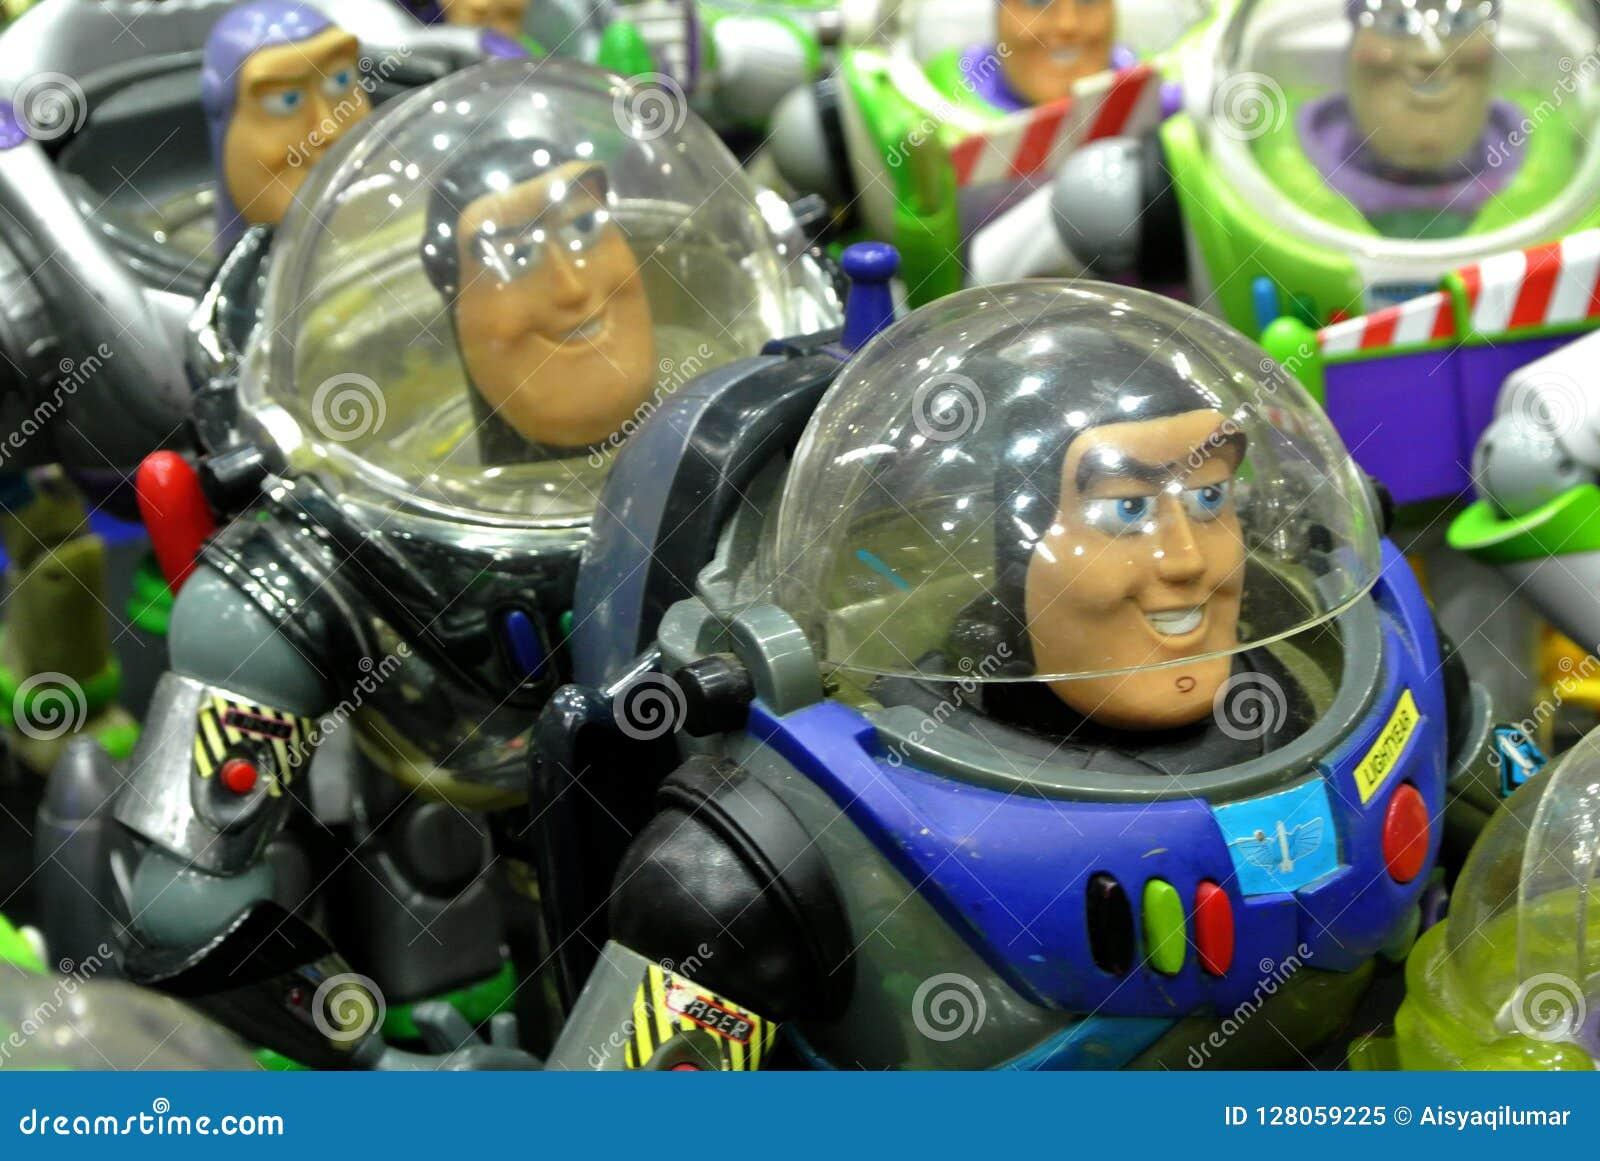 Zumbe el año ligero la figura de acción ficticia del super héroe del guardabosques del espacio